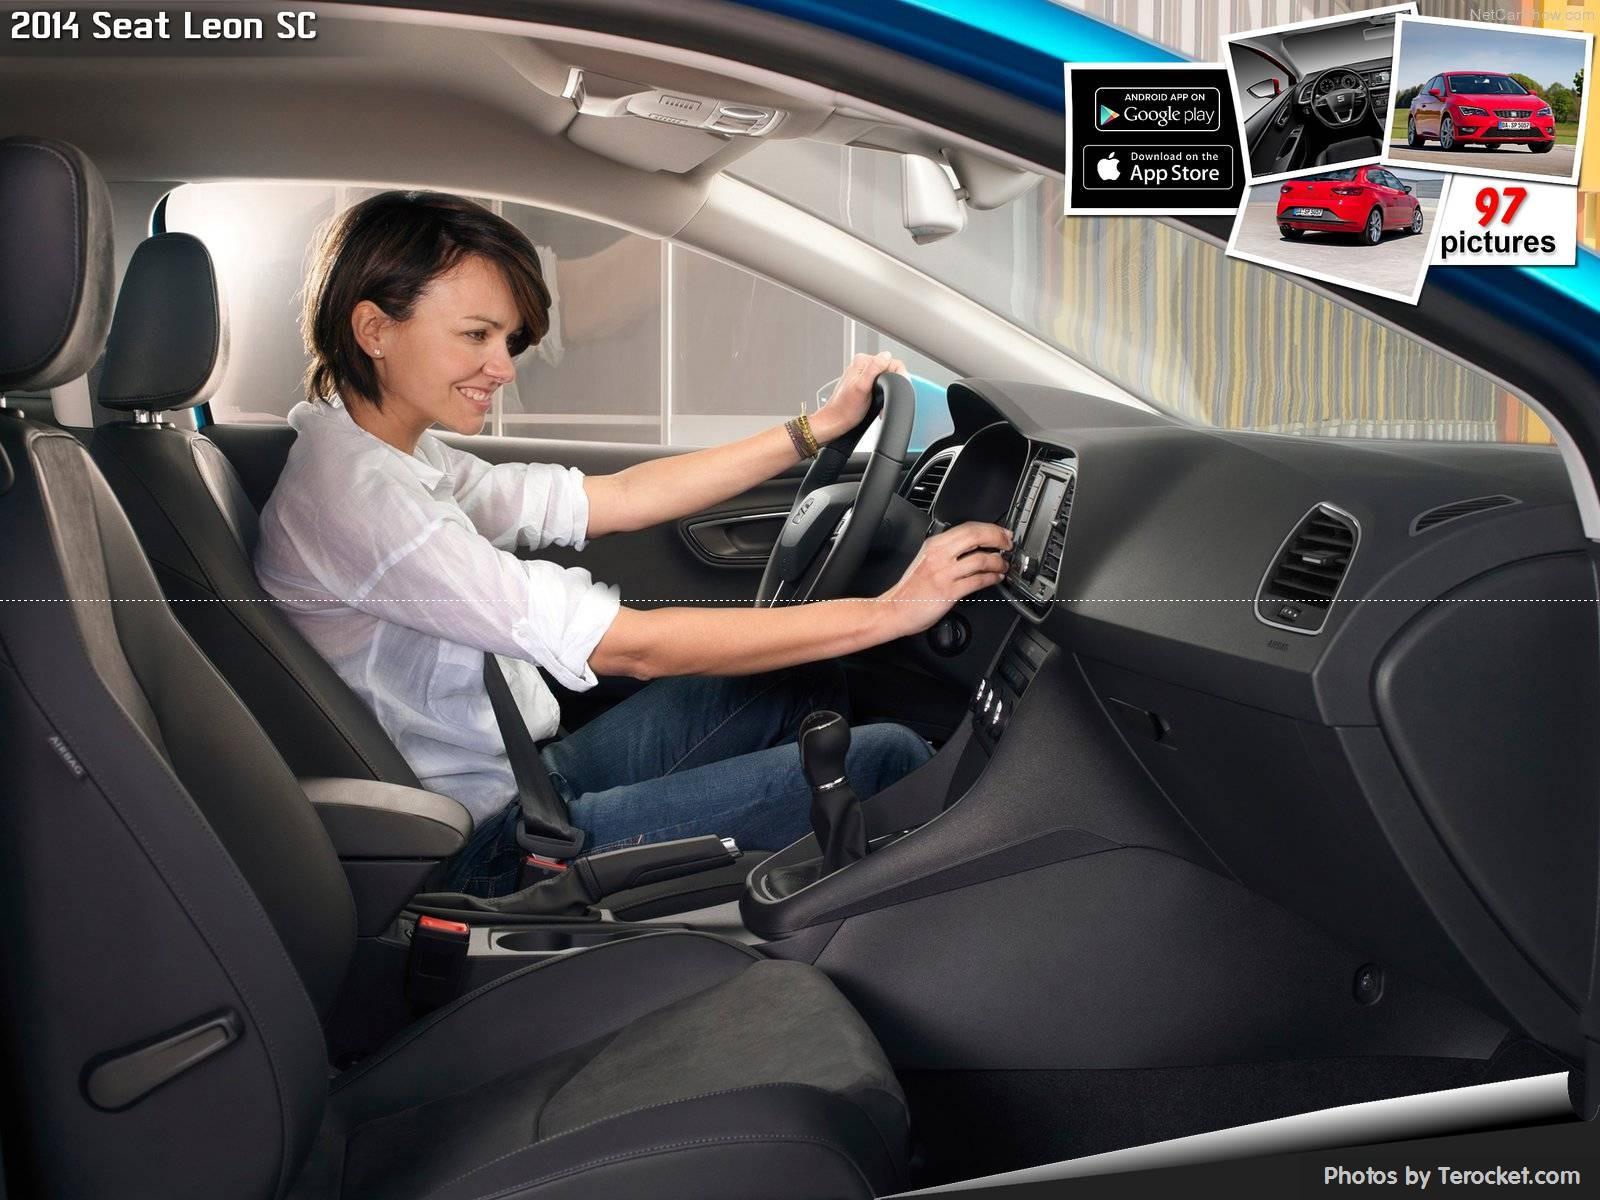 Hình ảnh xe ô tô Seat Leon SC 2014 & nội ngoại thất